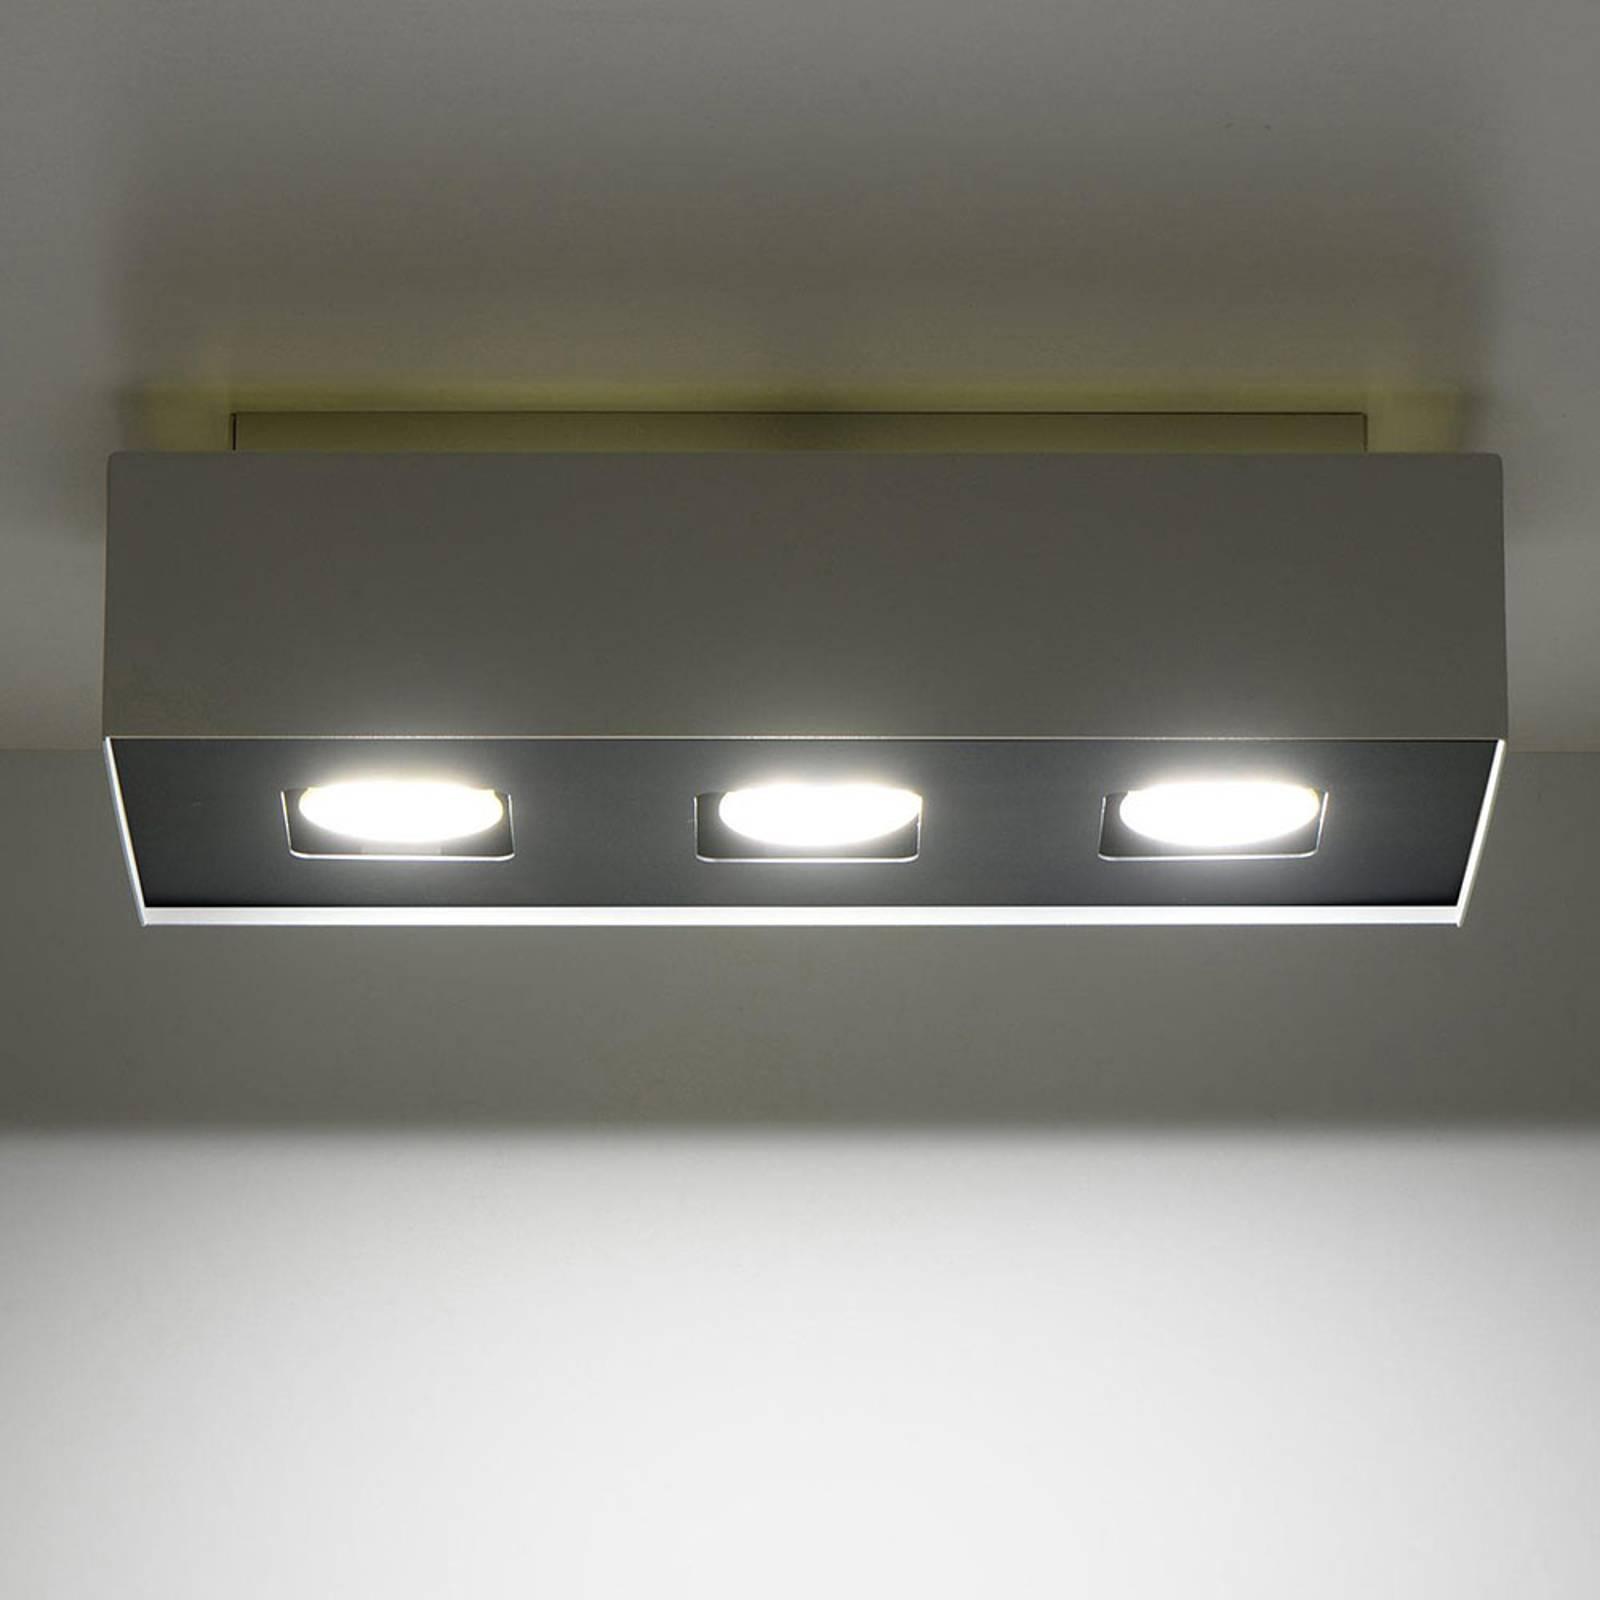 Kattovalaisin Kasi terästä, valkoinen 3-lamppuinen